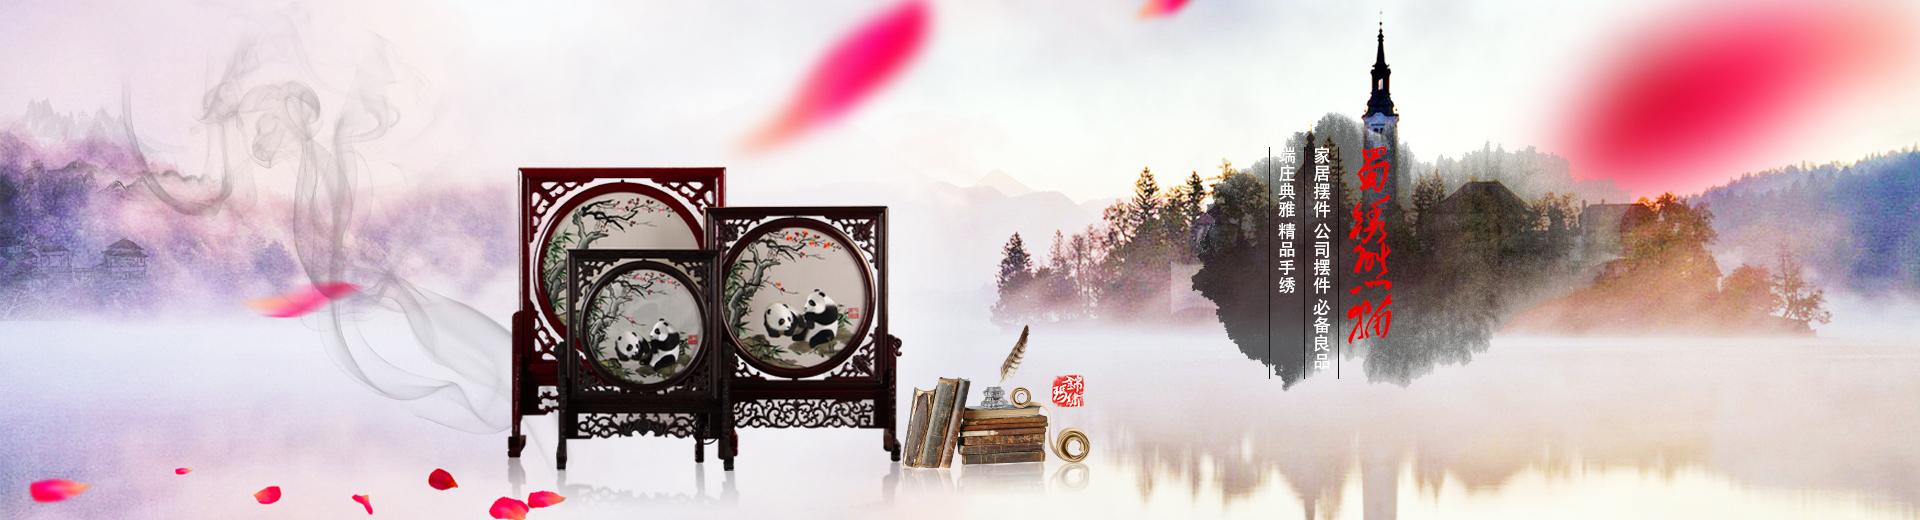 几张banner 蜀绣 蜀锦